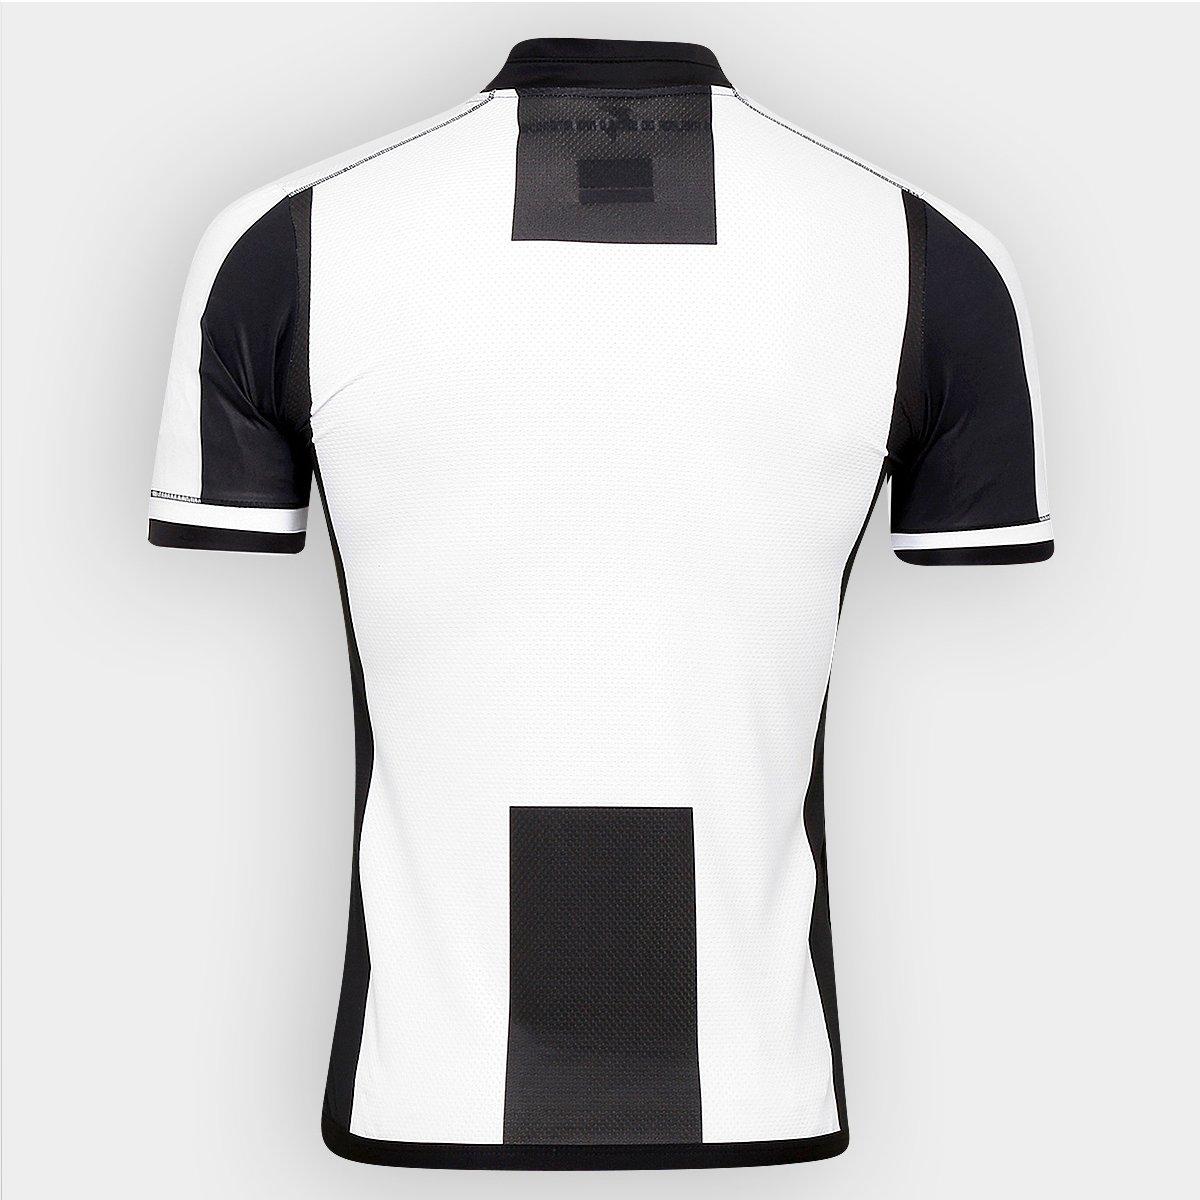 02917b6c41 Camisa Santos II 2016 s nº Torcedor Kappa Masculina - Compre Agora ...